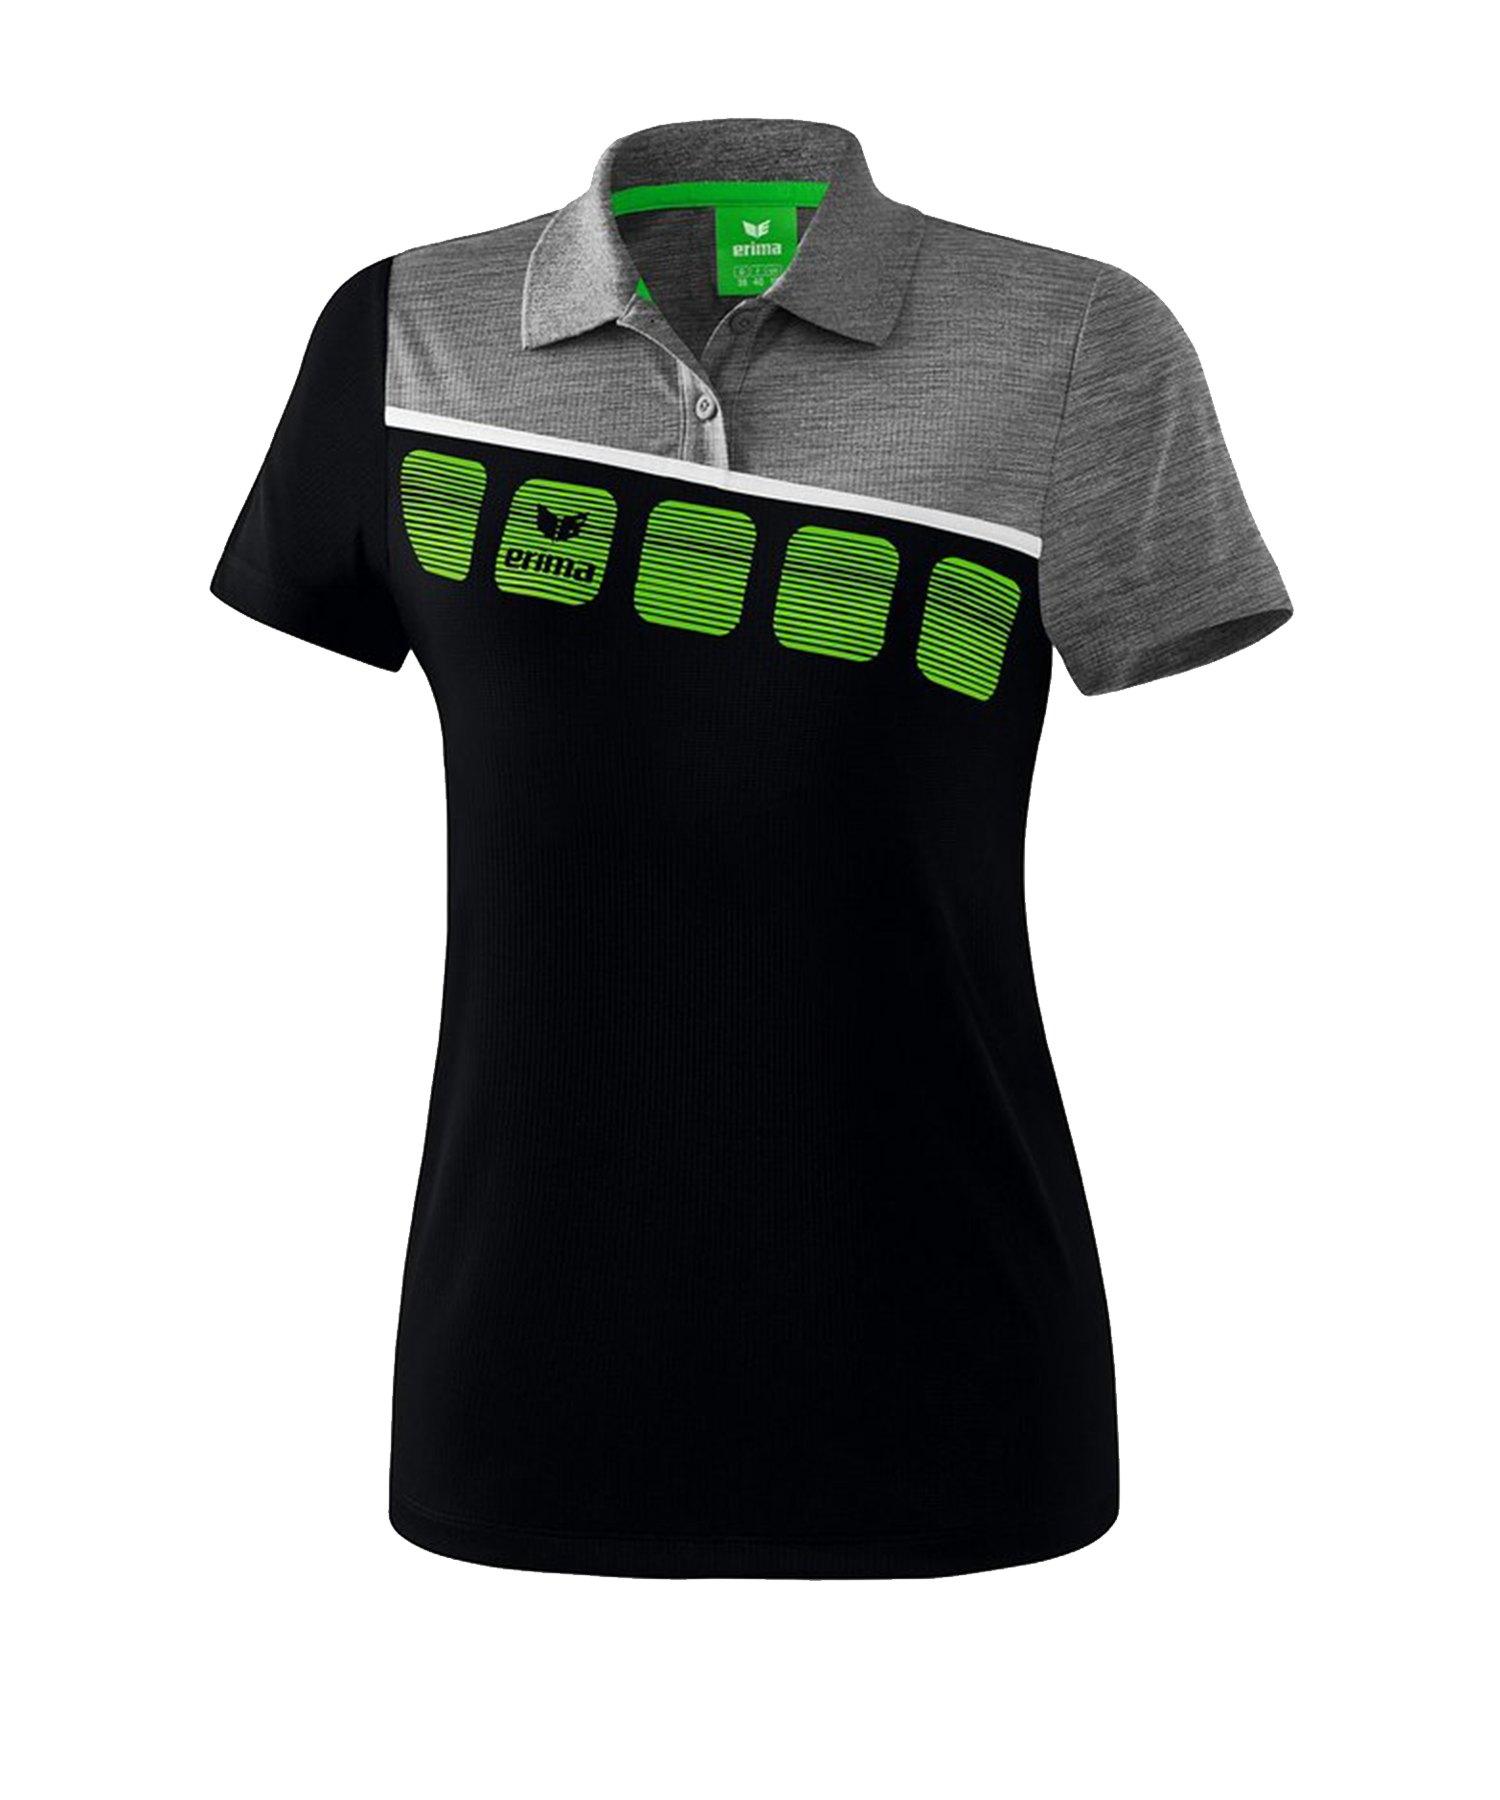 Erima 5-C Poloshirt Damen Schwarz Grau - Schwarz